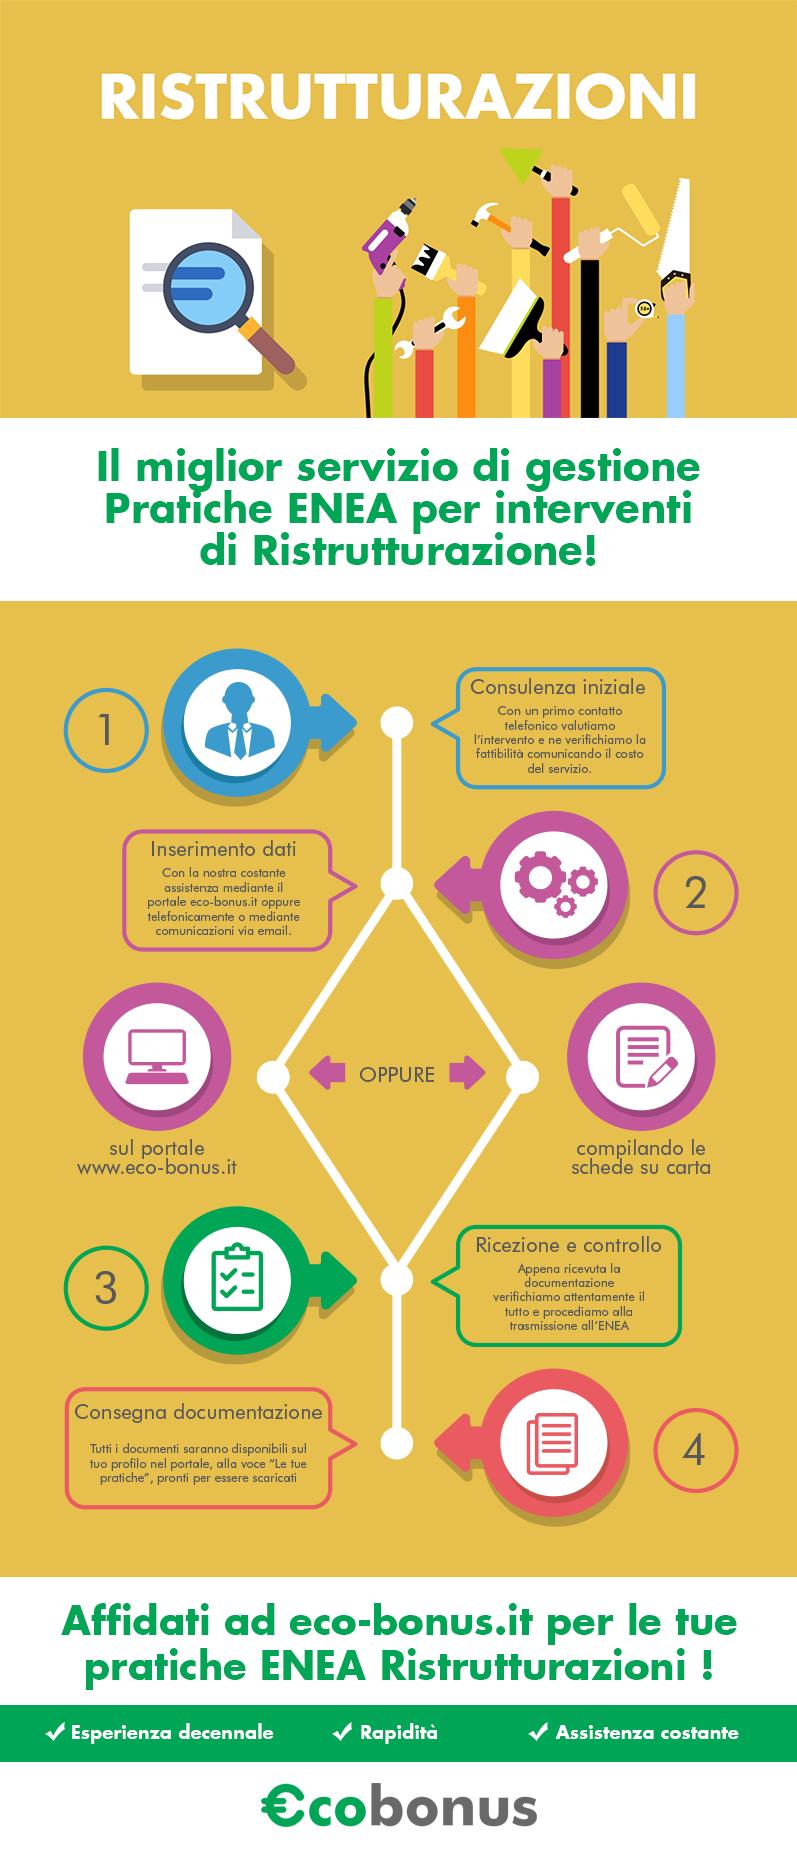 eco-bonus-infografica-pratiche-ristrutturazioni-percorso